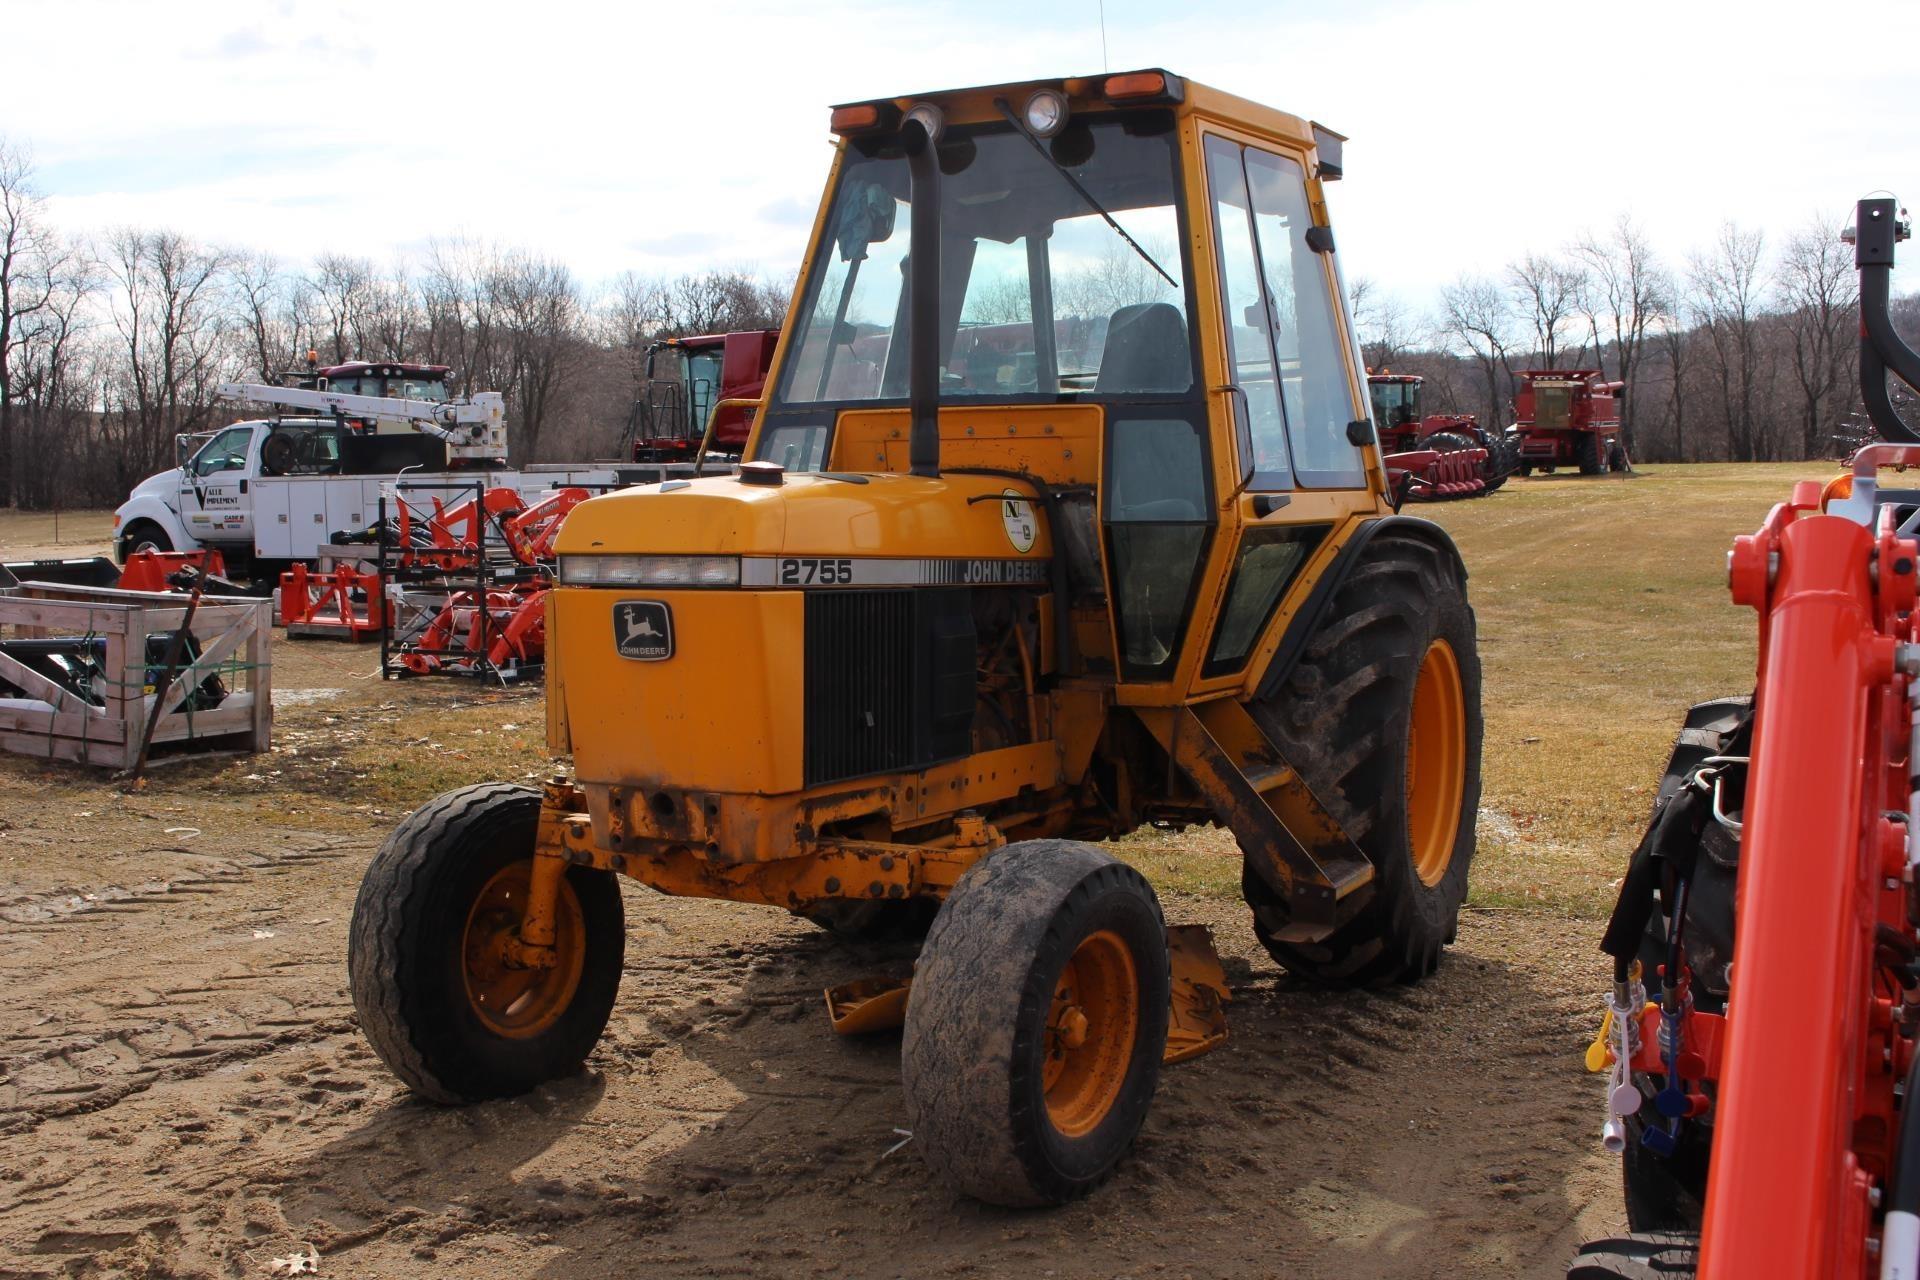 1992 John Deere 2755 Tractor